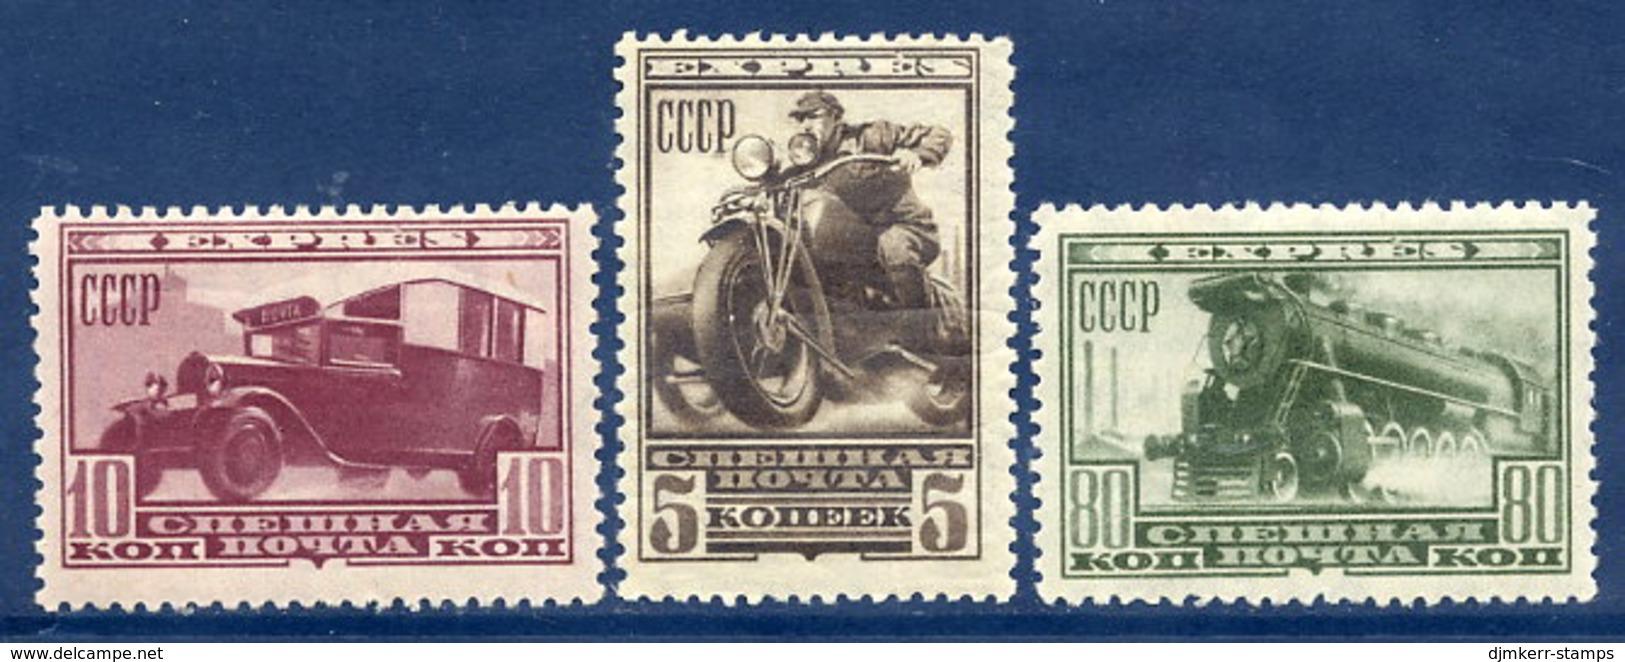 SOVIET UNION 1932 Express Set LHM / *.  Michel 407-09 - 1923-1991 USSR